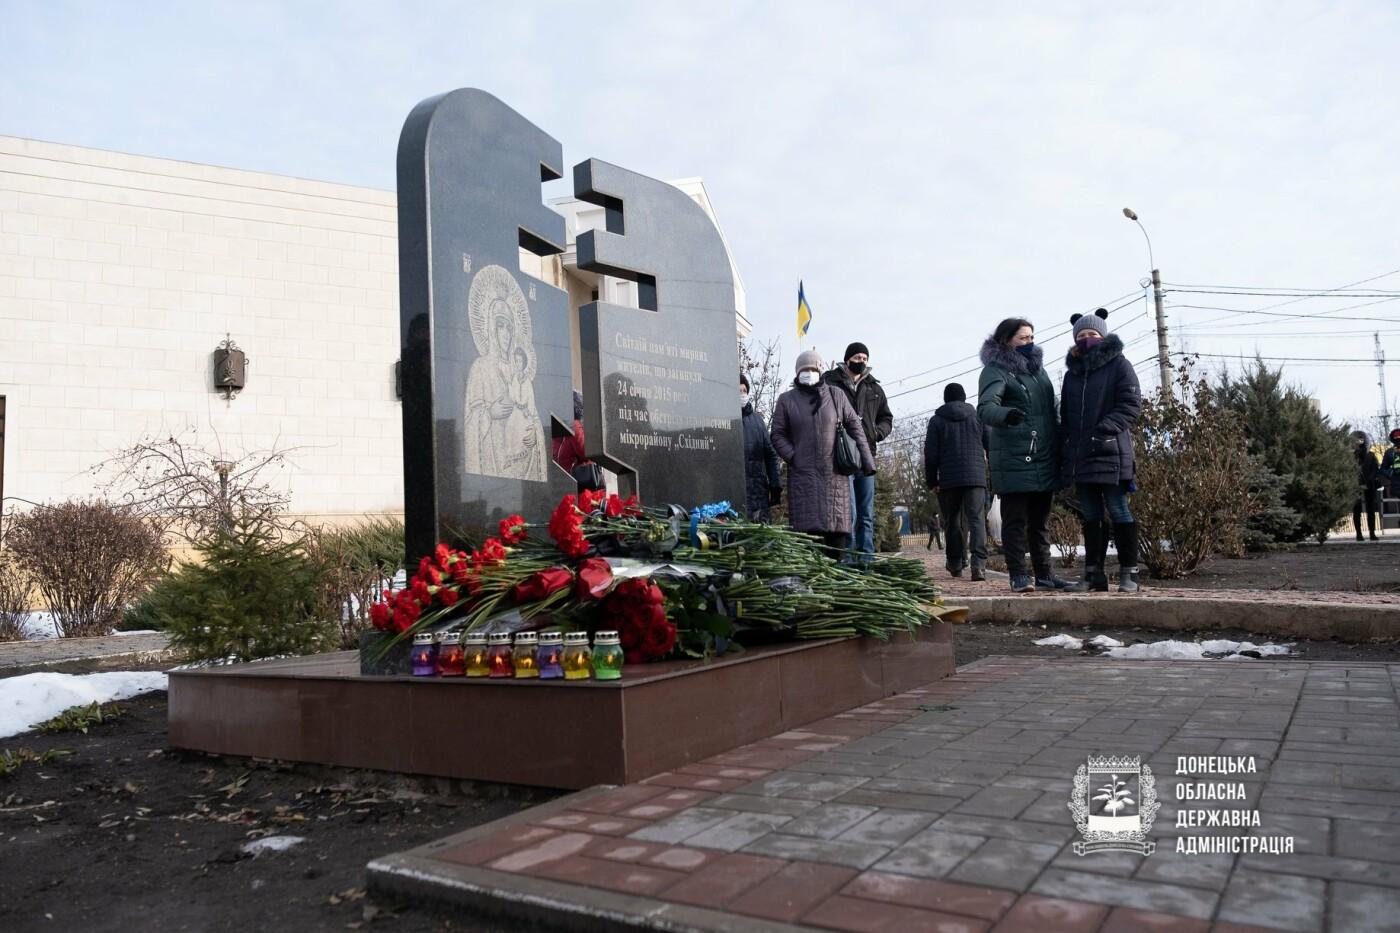 Шесть лет назад российские «Грады» обстреляли жилой квартал Мариуполя: погибли 29 мирных жителей, - ФОТО, фото-3